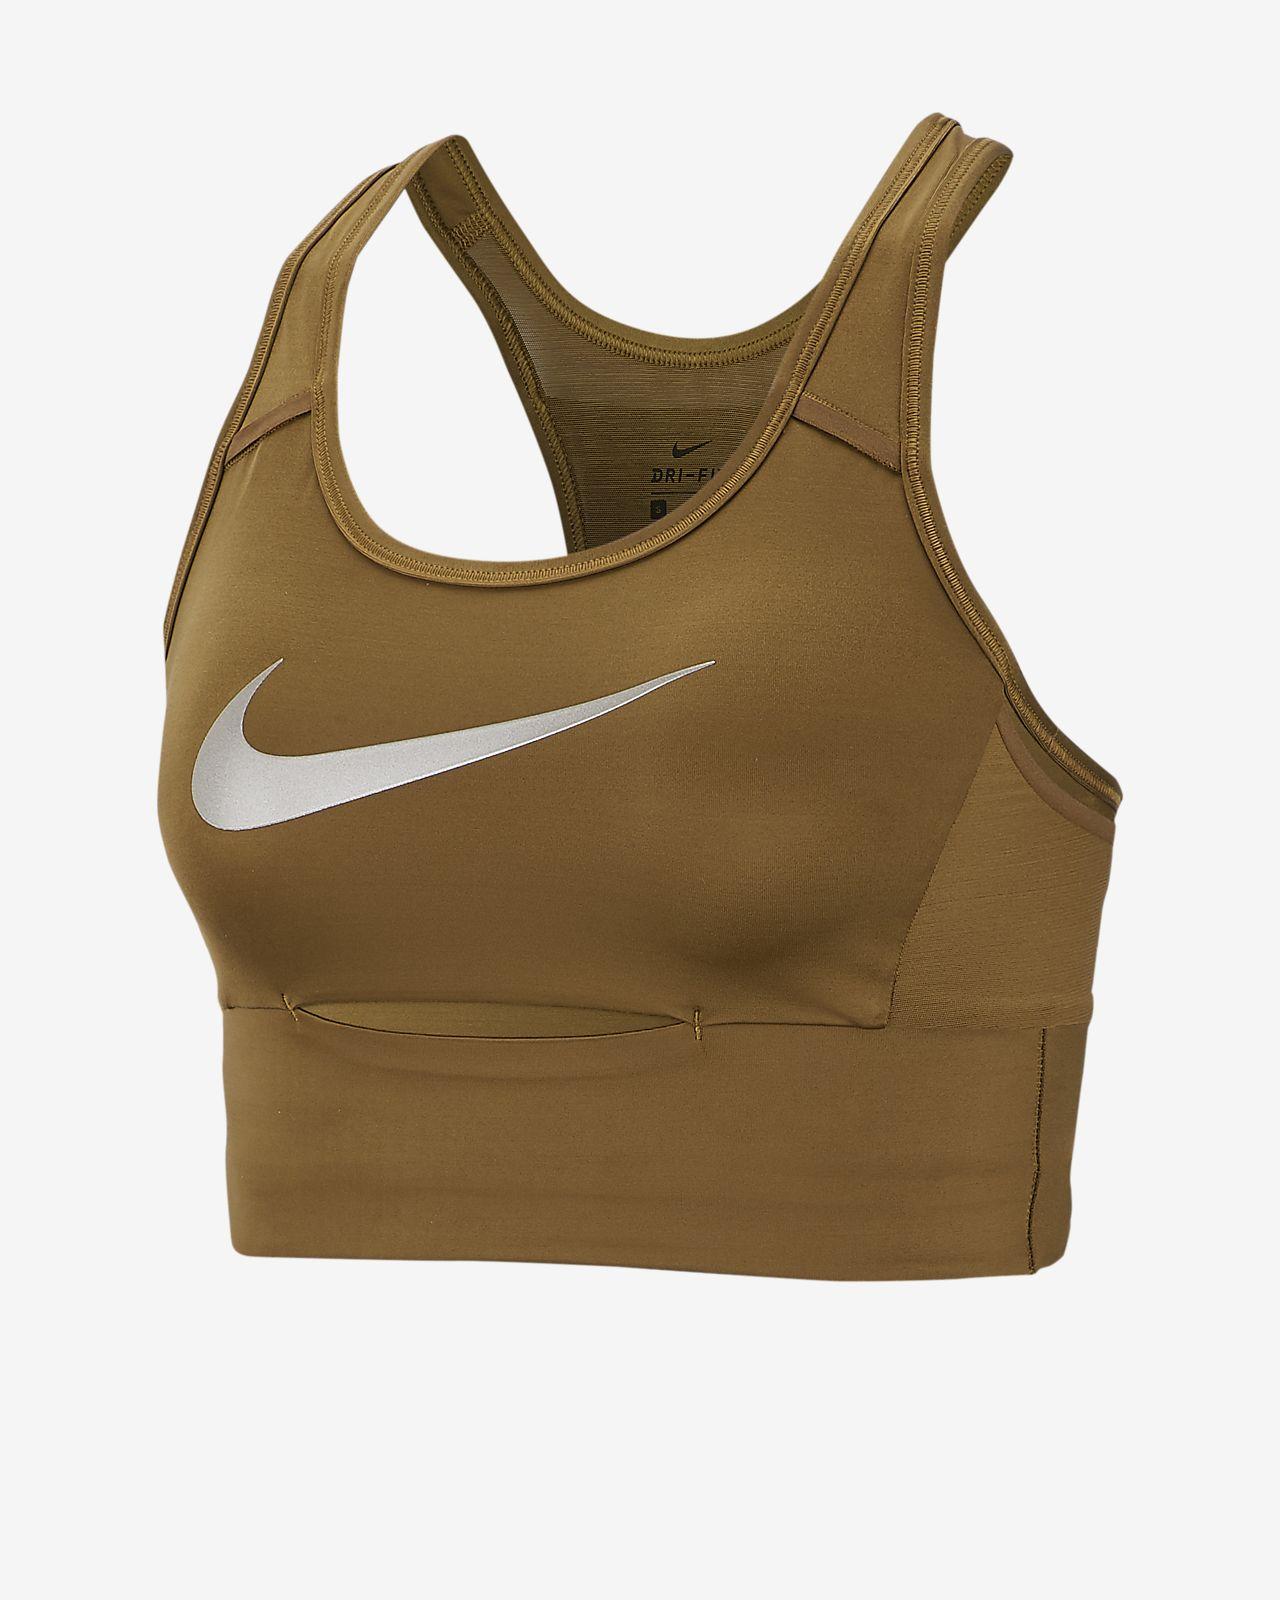 Nike Pocket 女子中强度支撑运动内衣